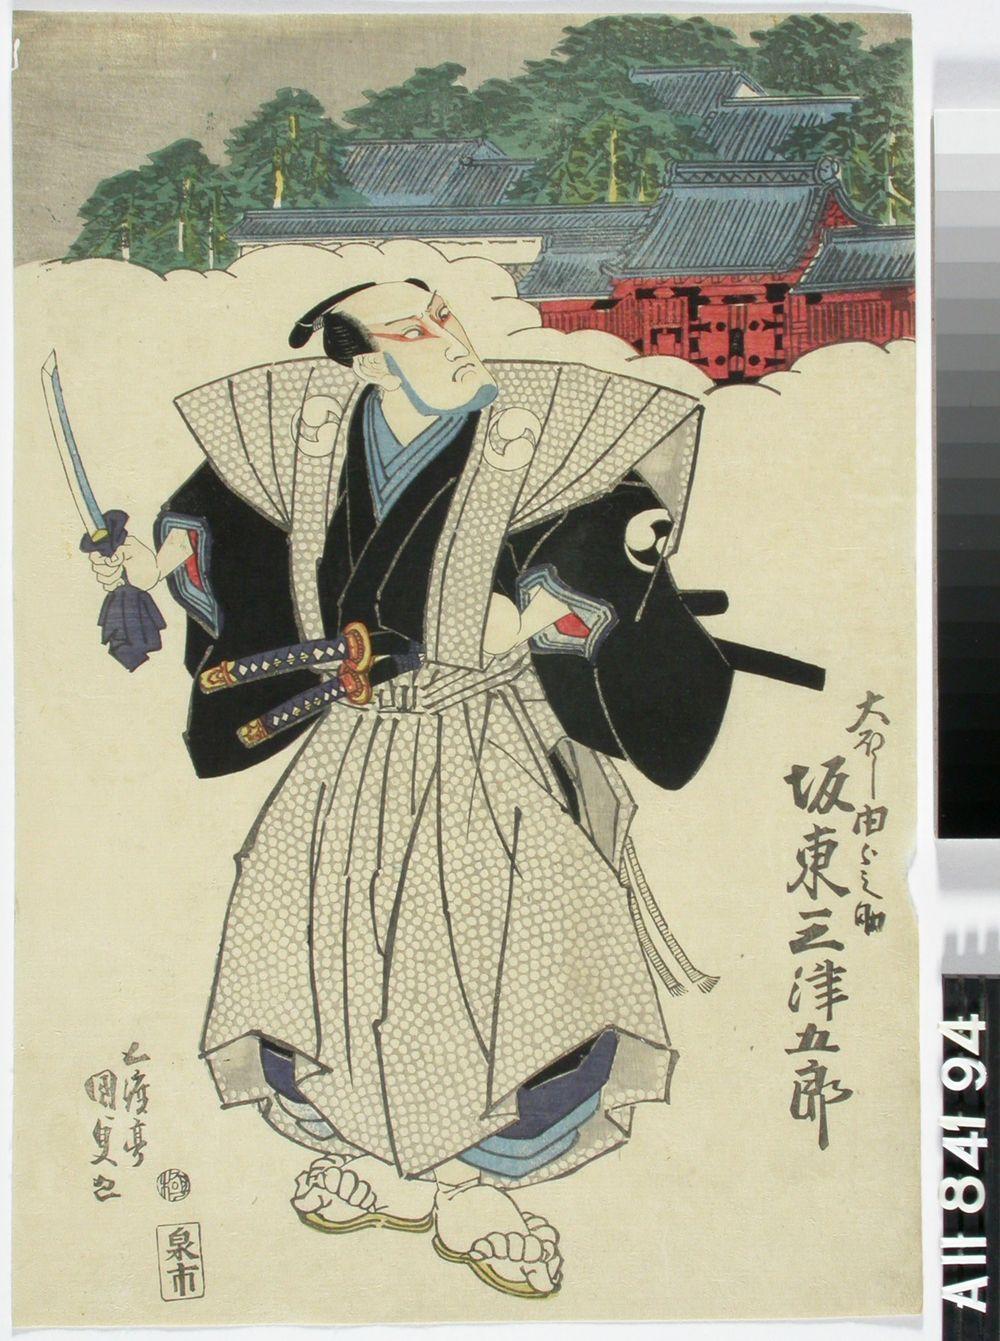 Näyttelijä Bando Mitsugoro III näytelmässä Kanadehon chusingura (Uskolliset vasallit)